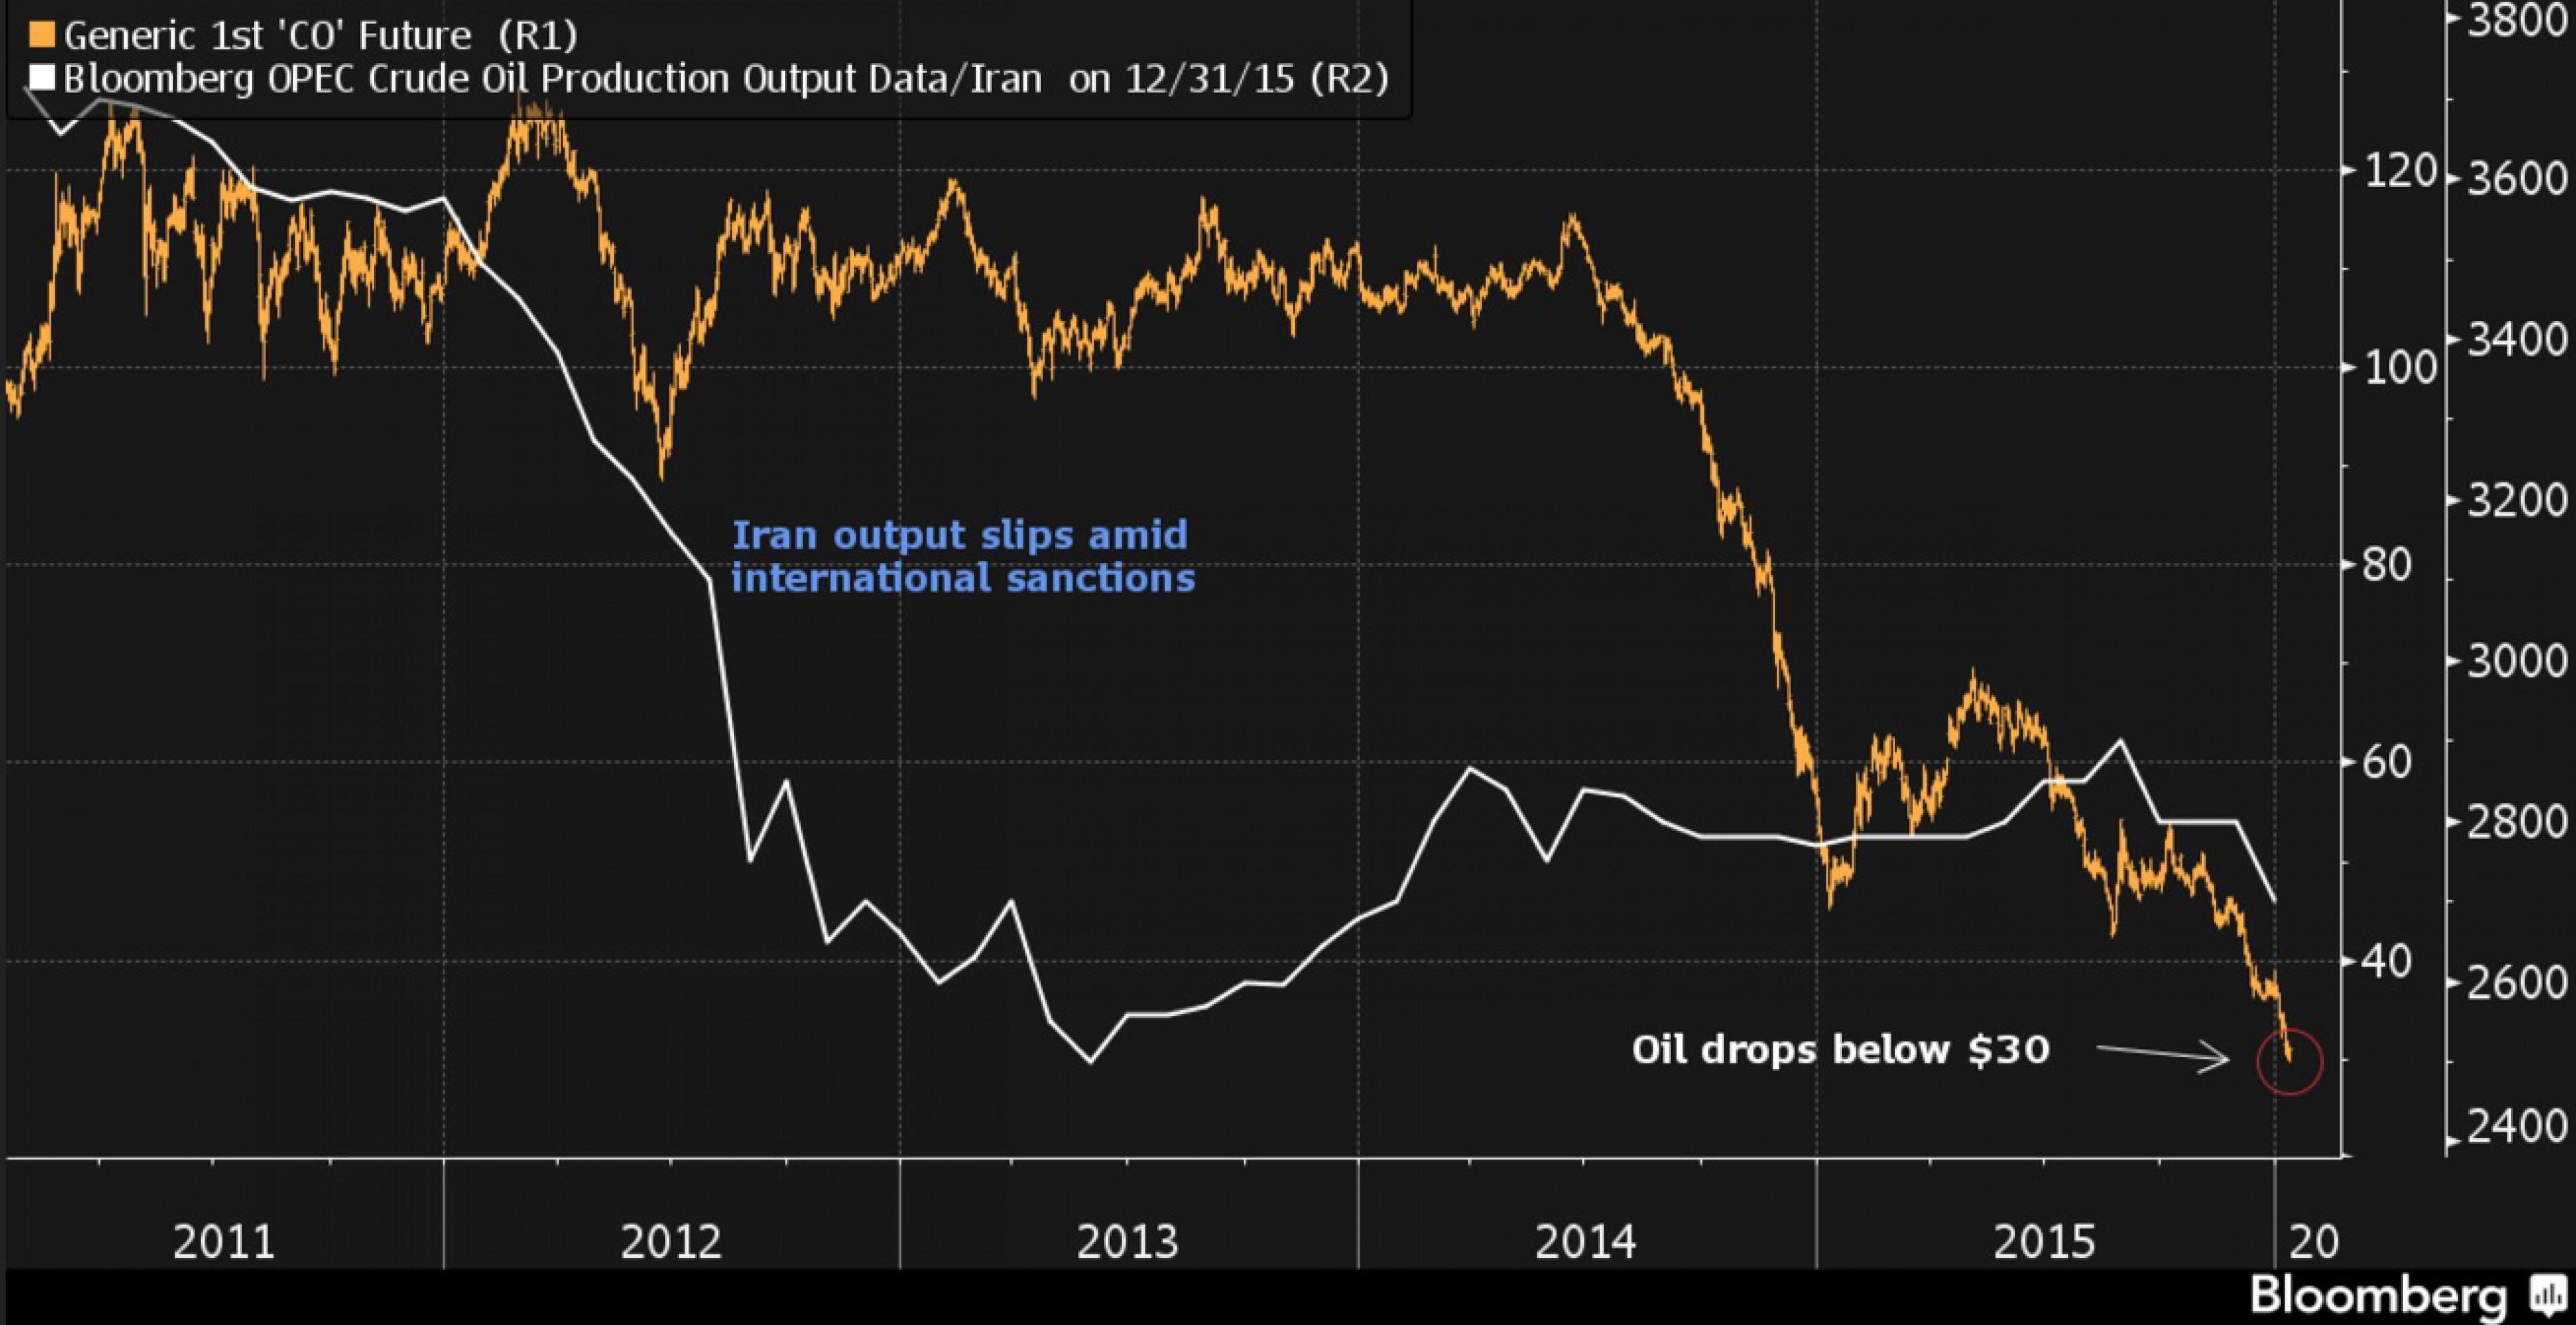 Цена нефти упала на 5% из-за снятия санкций с Ирана